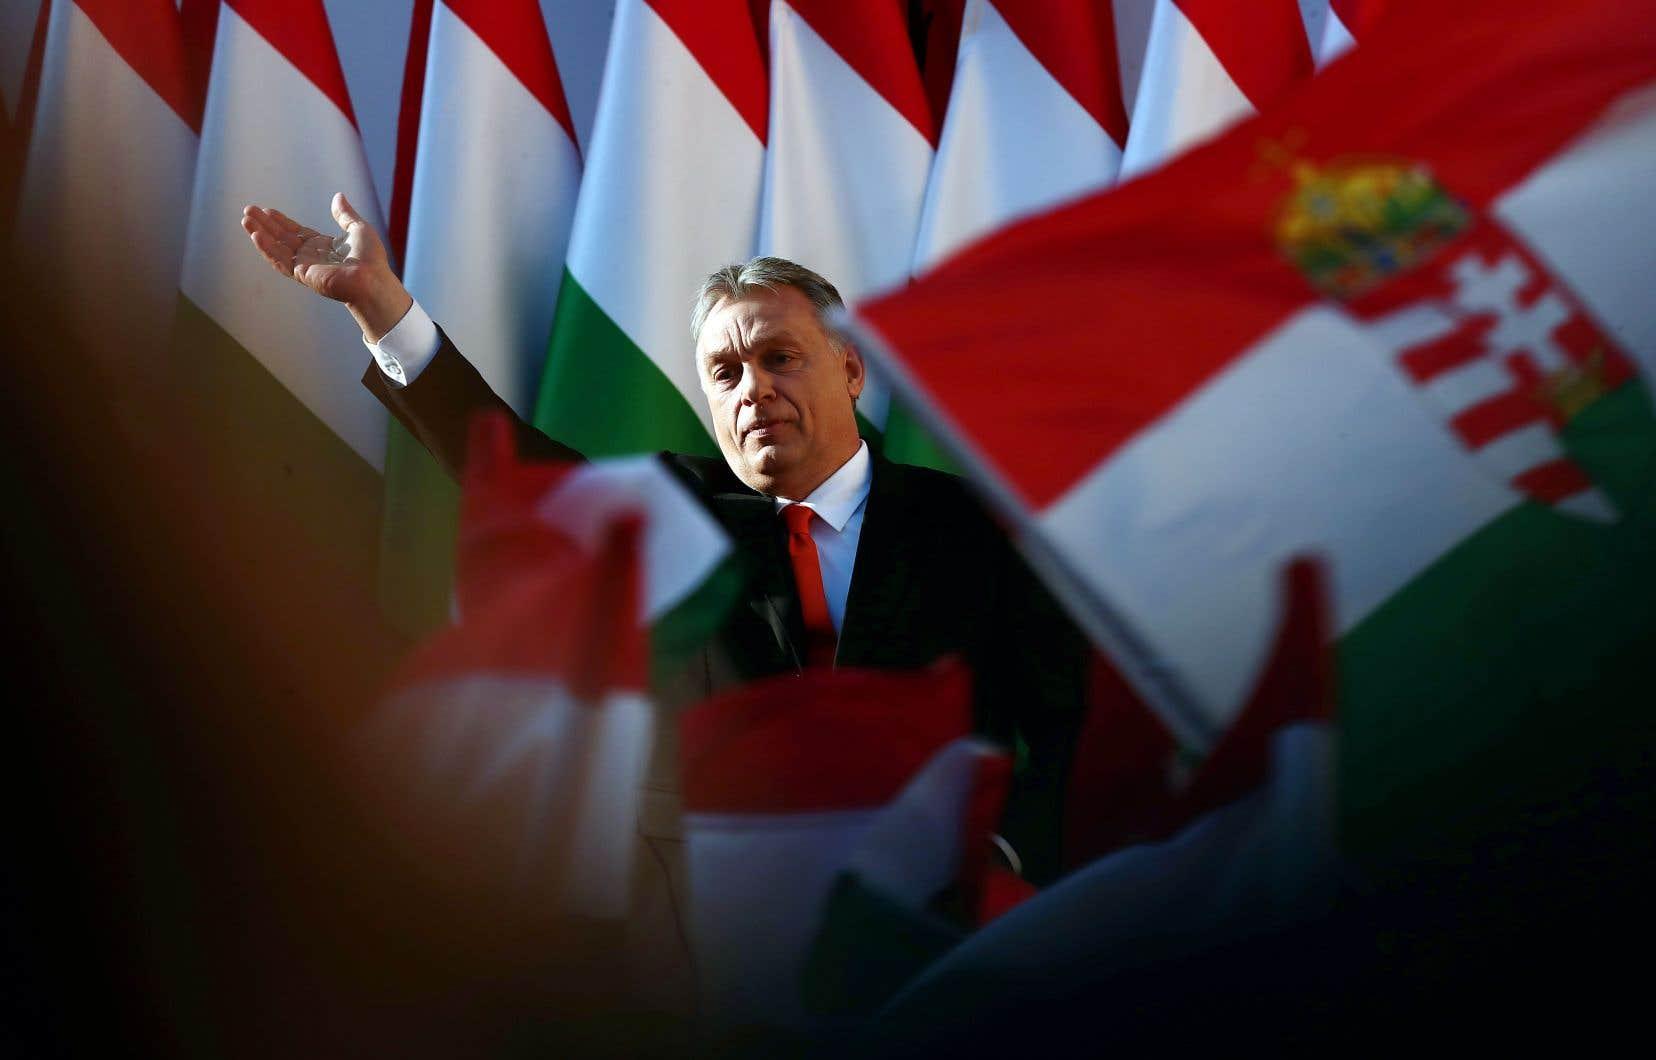 Le premier ministre Viktor Orbán a prononcé son dernier discours de la campagne électorale à Székesfehérvár, vendredi.